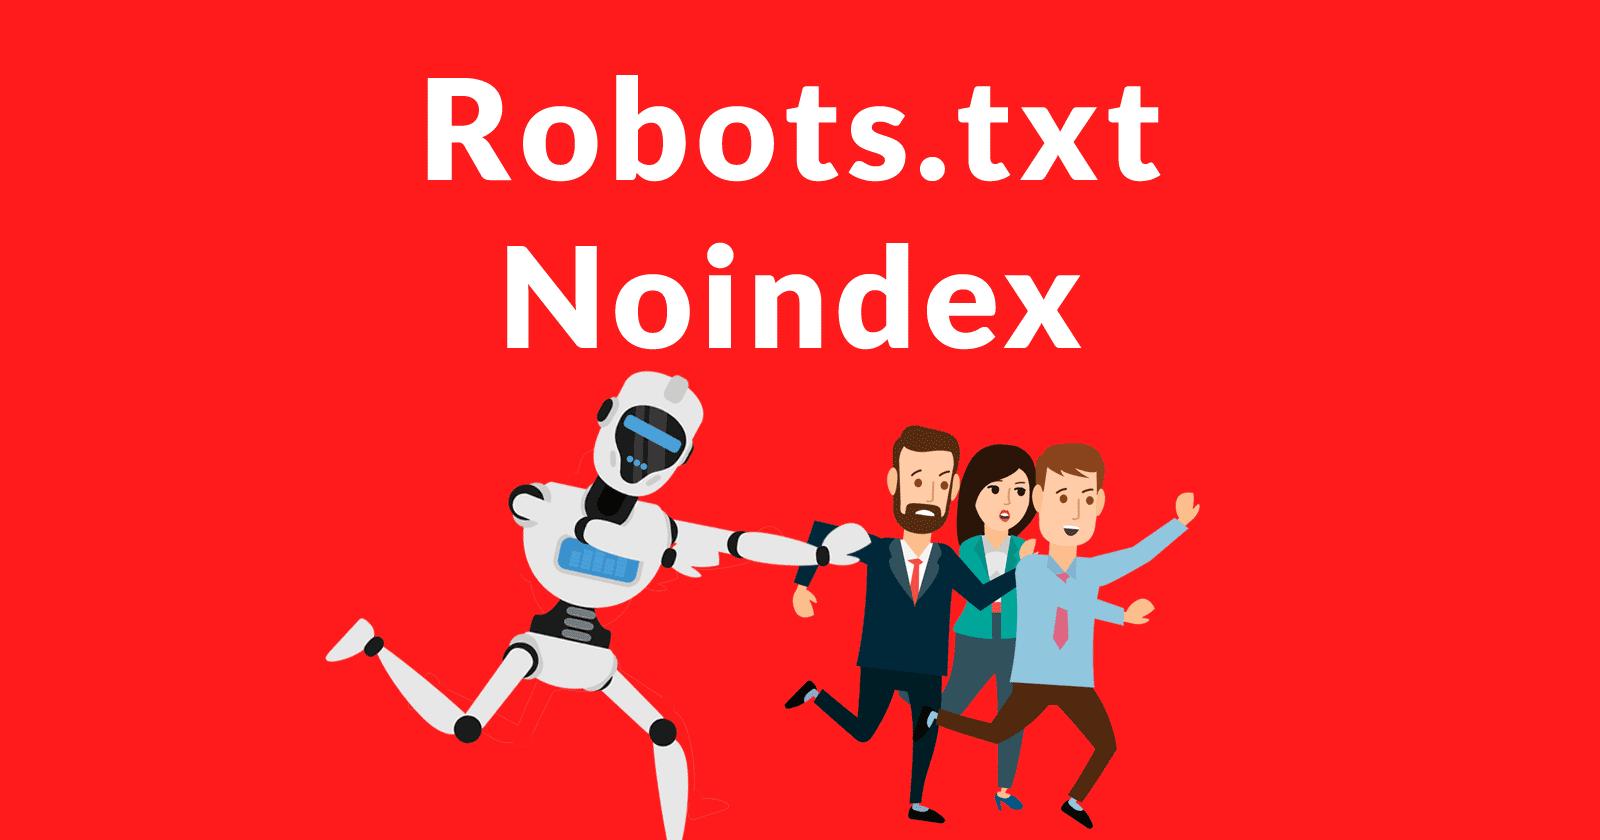 Google annule la prise en charge de Robots.txt Noindex